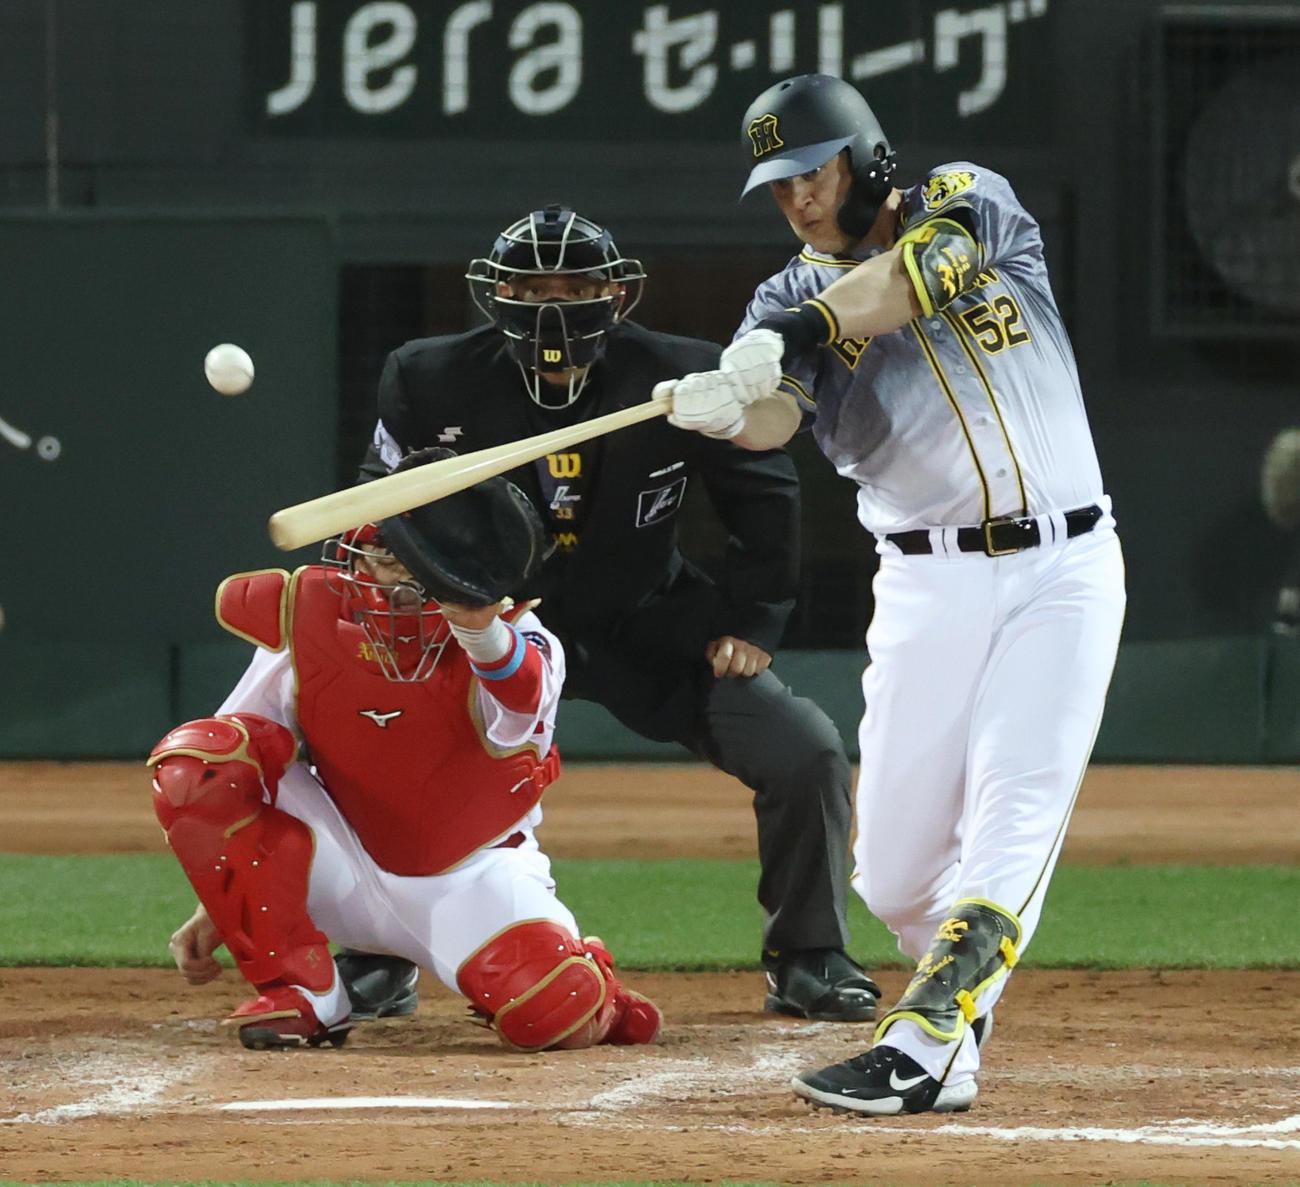 広島対阪神 9回表阪神1死、サンズは右前打も二塁を狙ってアウトとなる(撮影・清水貴仁)